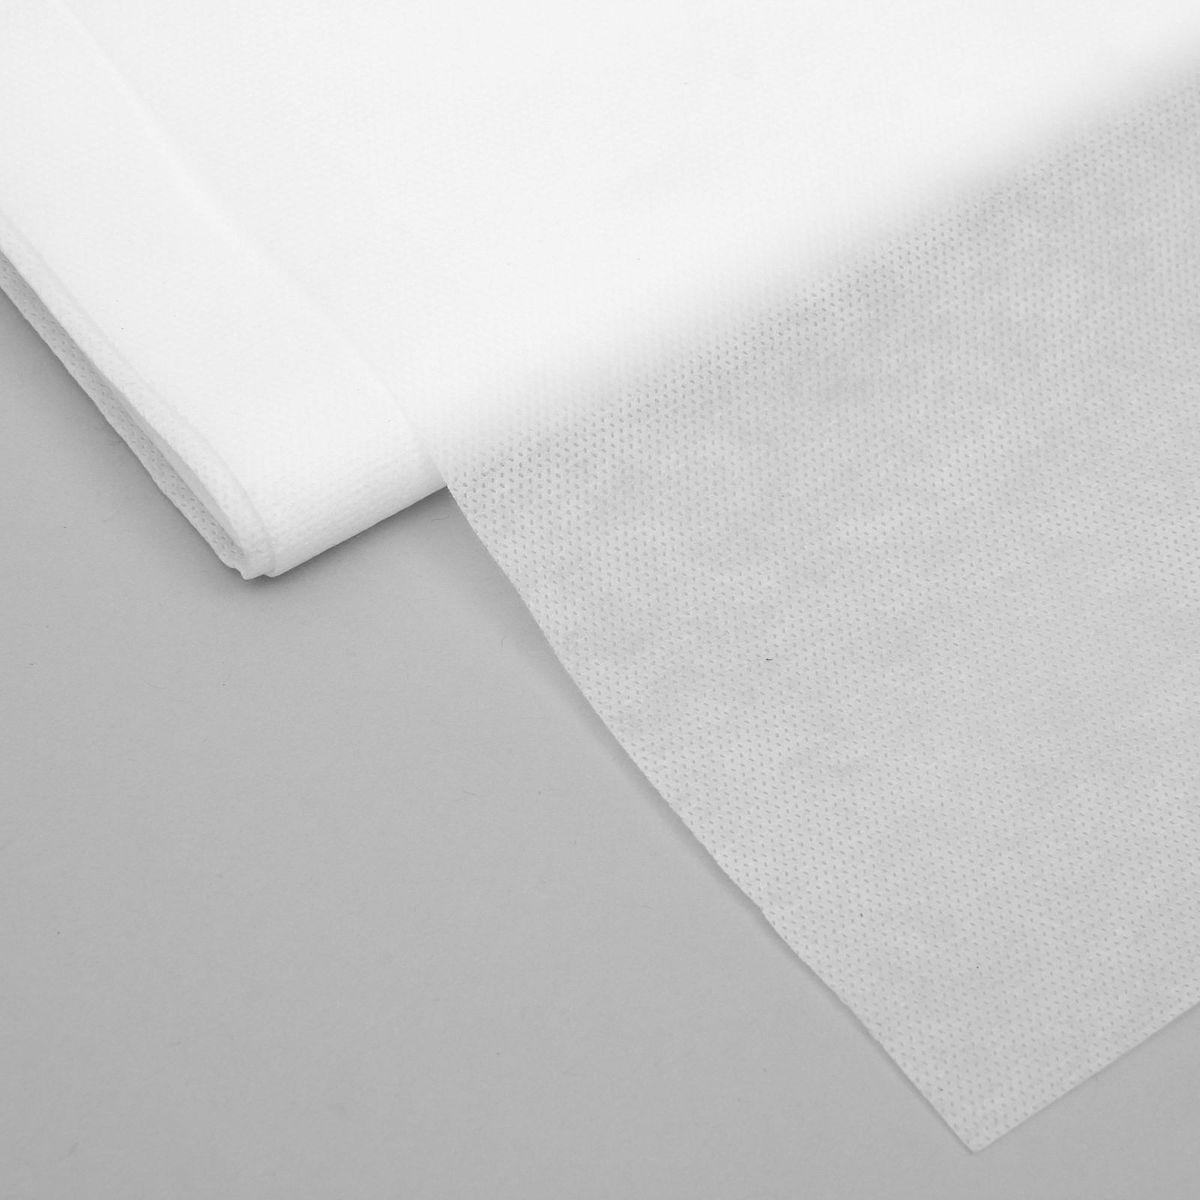 Чехол для парника, 6 секций, 8 х 2,1 м1933261Чехол предназначен для изготовления парника своими руками или для замены материала готового изделия. Цельная ткань плотностью 45 г,м? не имеет стыков и соединений. Она разделена на 6 секций простроченными каналами для дуг. Чтобы смастерить парник своими руками, вам понадобятся также клипсы и крестообразные ножки.